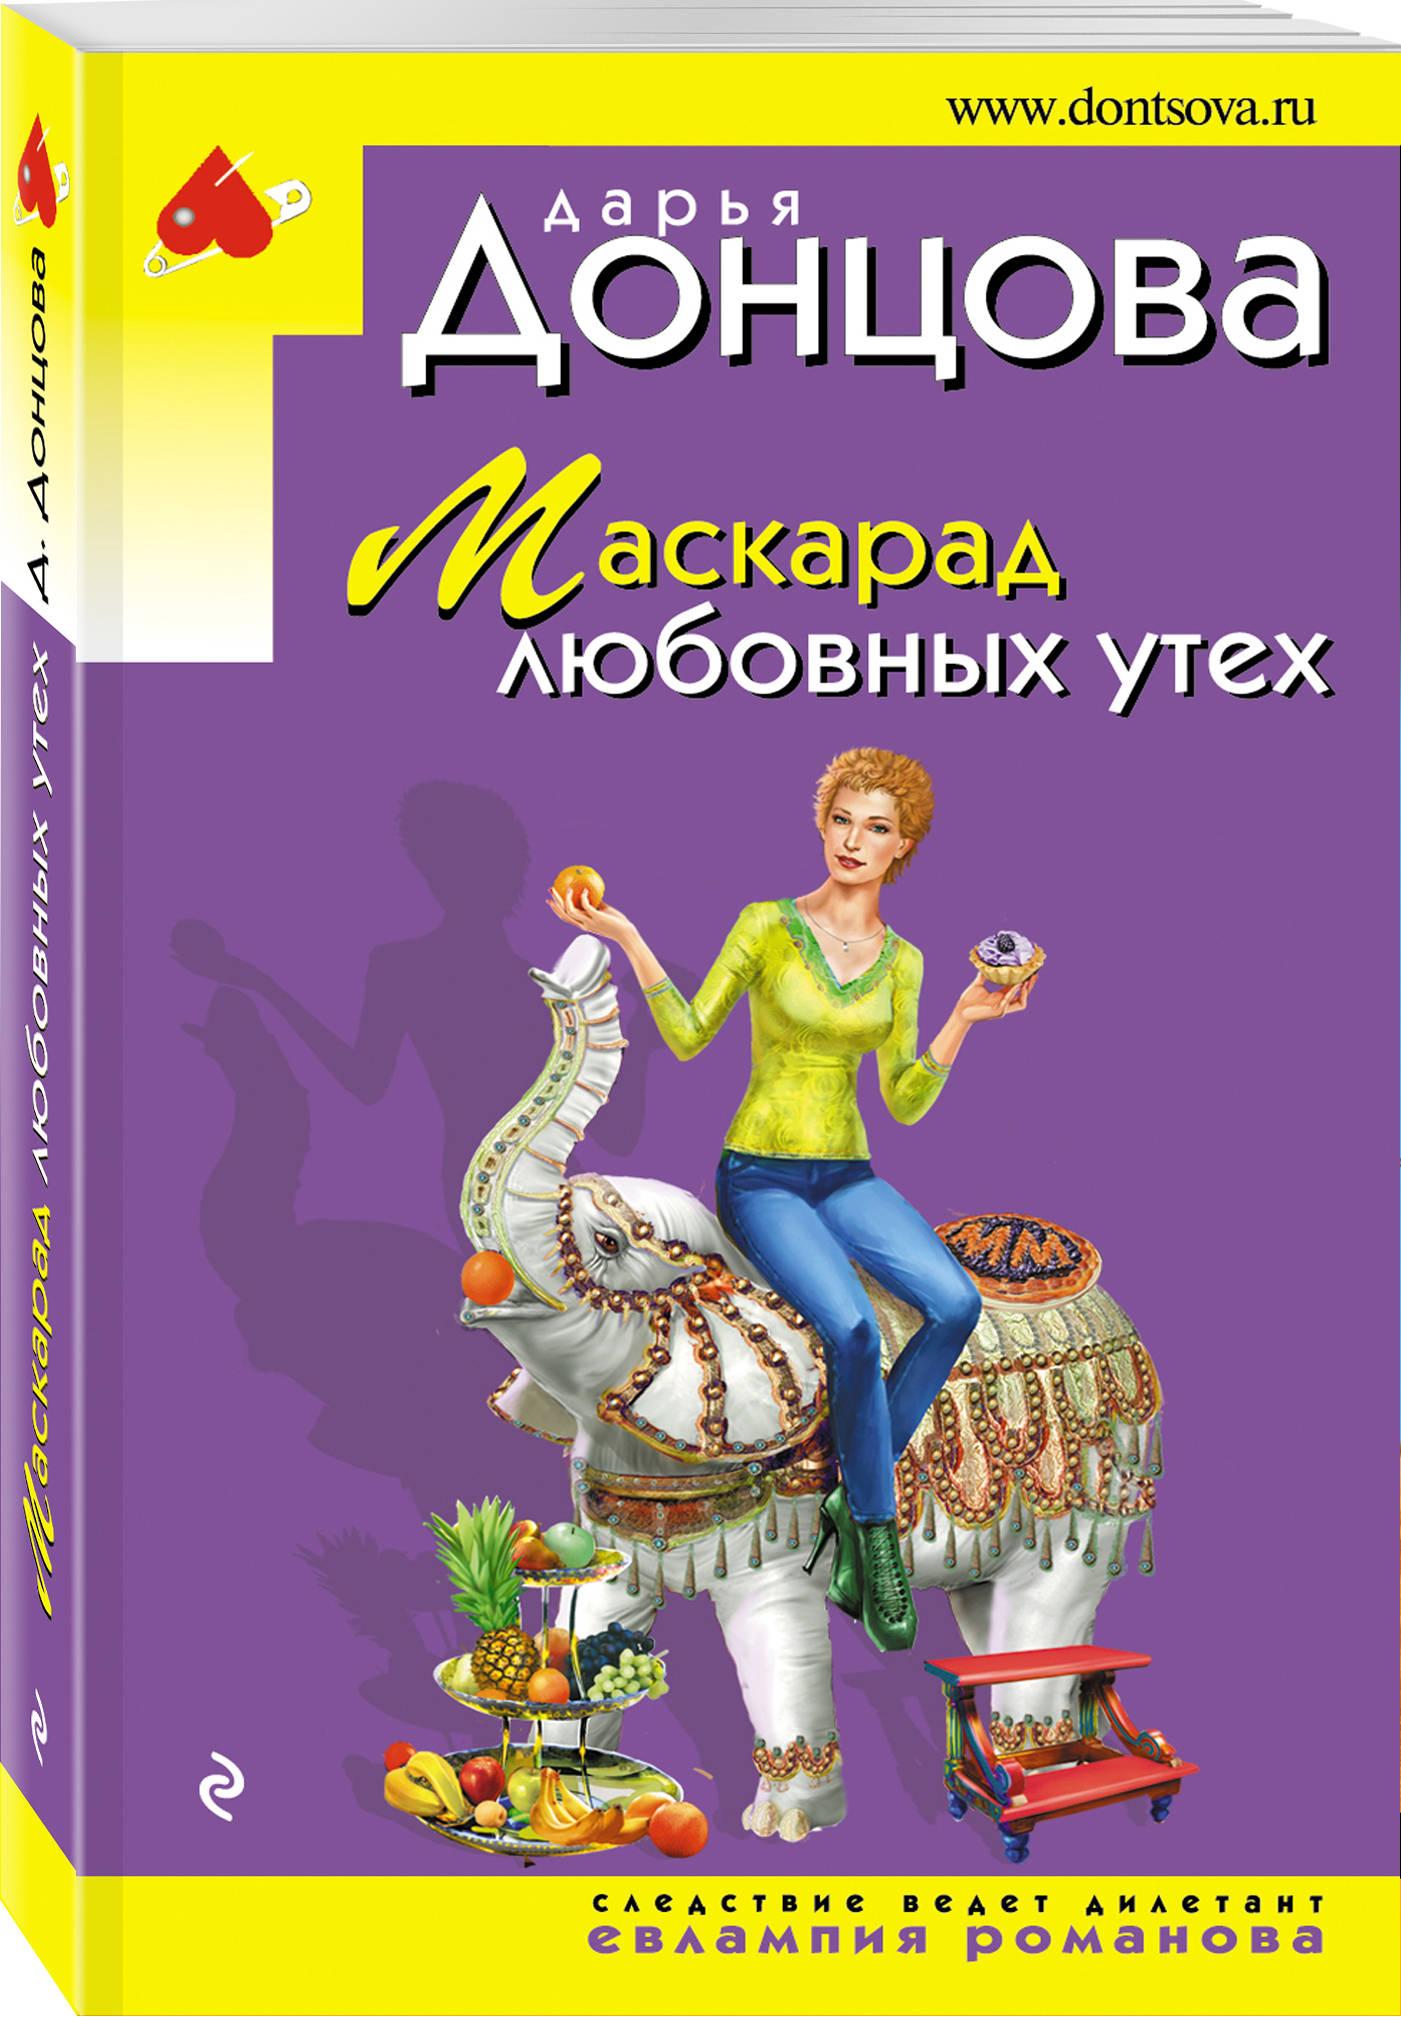 Донцова Д.А. Маскарад любовных утех хочу коттедж в уфе фото